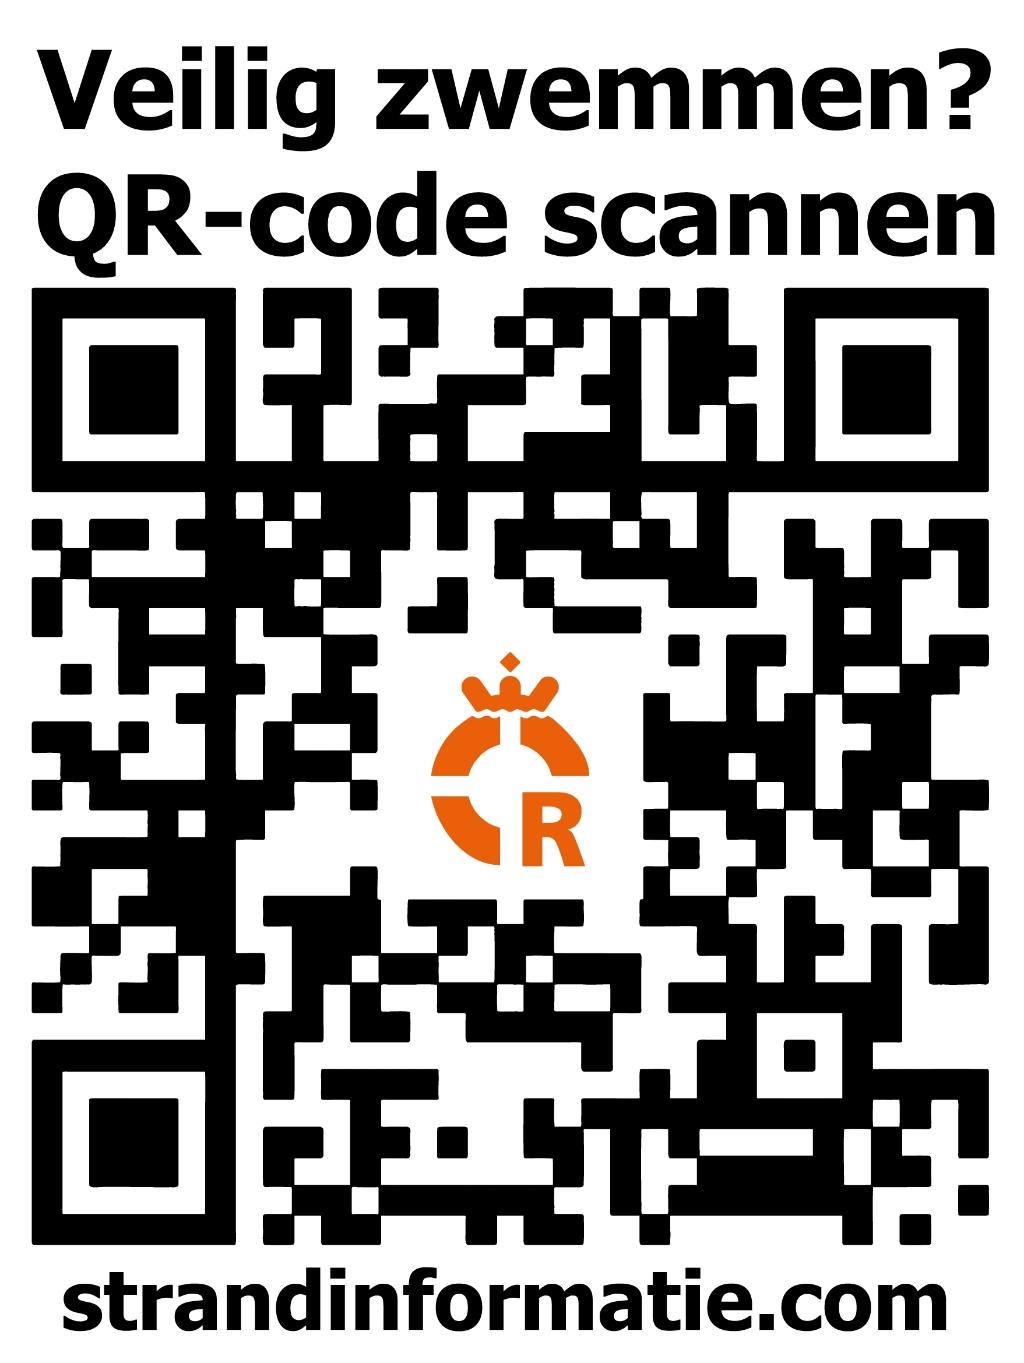 """De QR code voor de site <a href=""""//strandinformatie.com"""">strandinformatie.com</a>.  © rodi"""